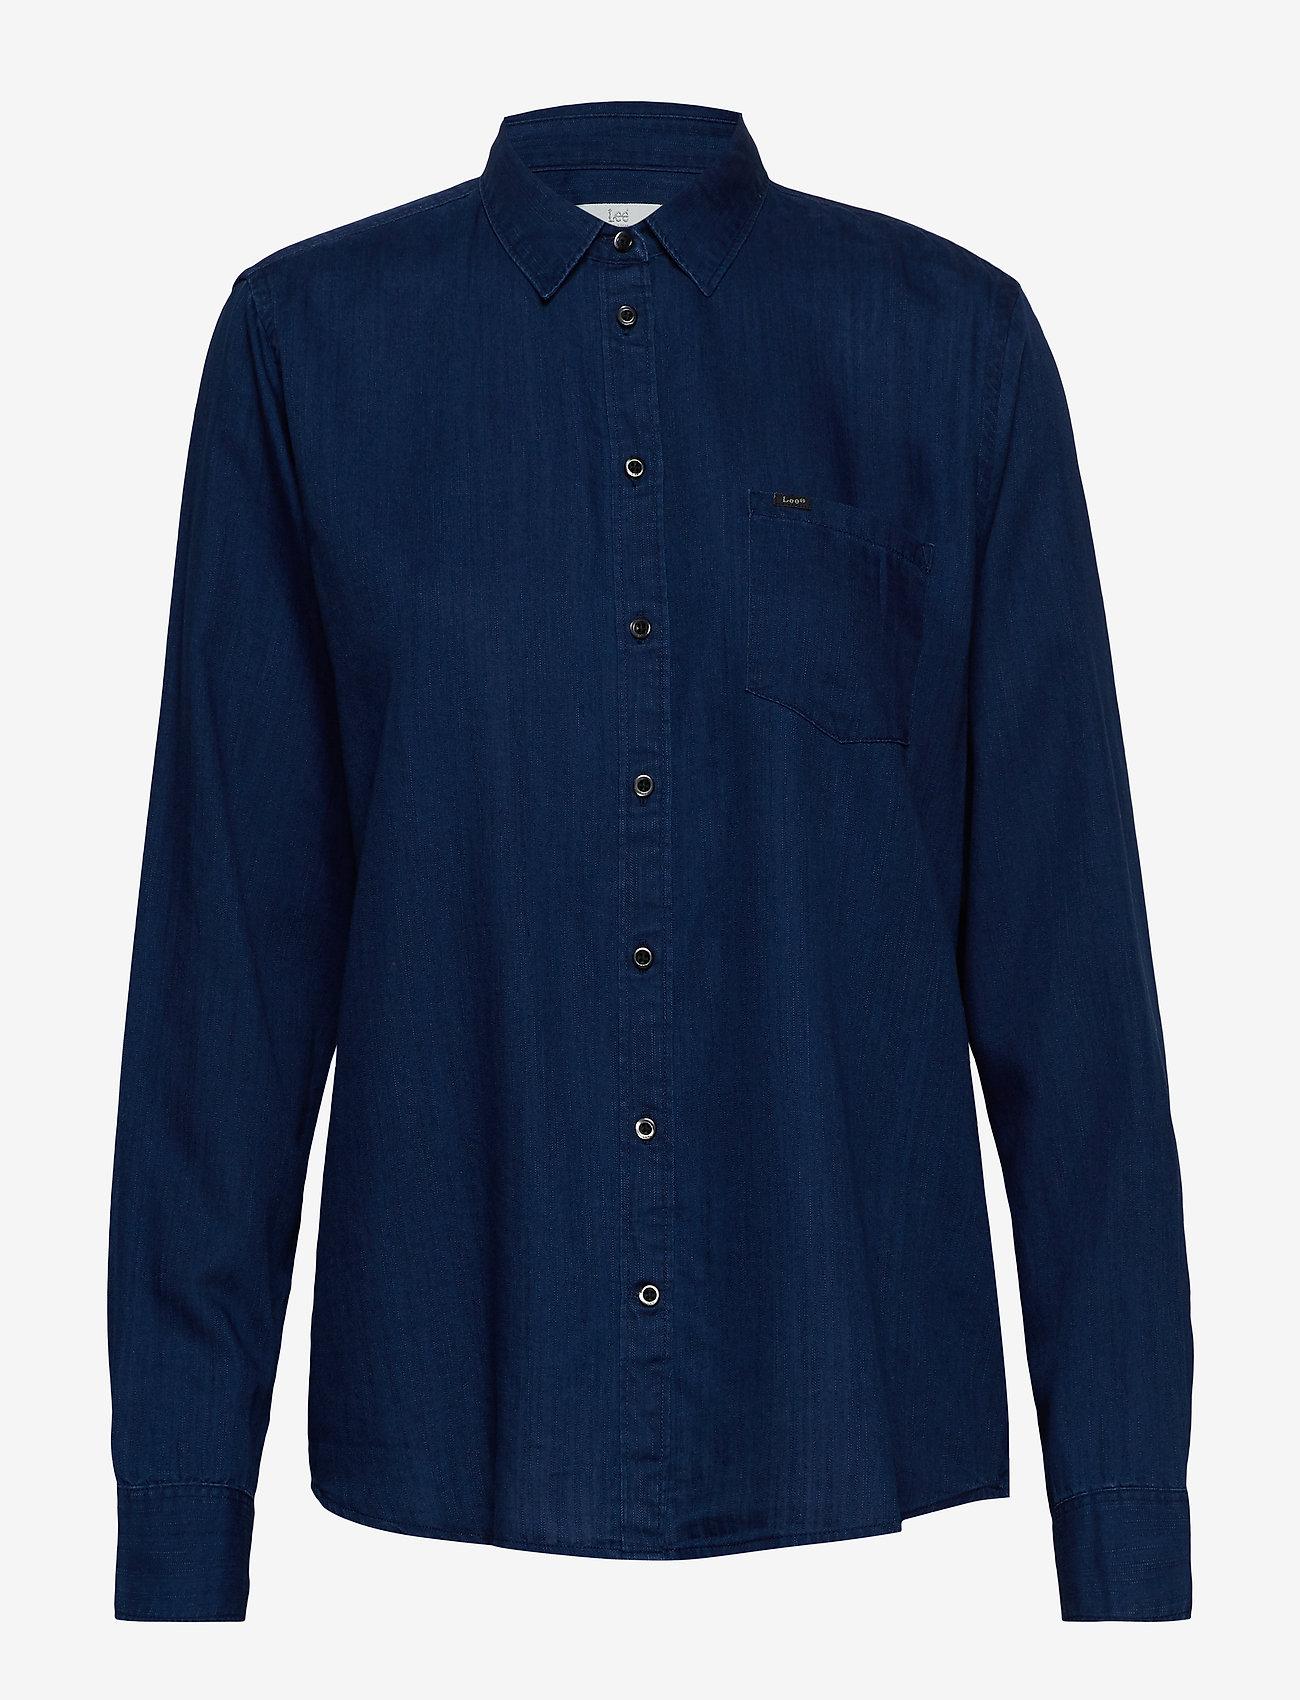 Lee Jeans - ONE POCKET SHIRT - langermede skjorter - oil blue - 0